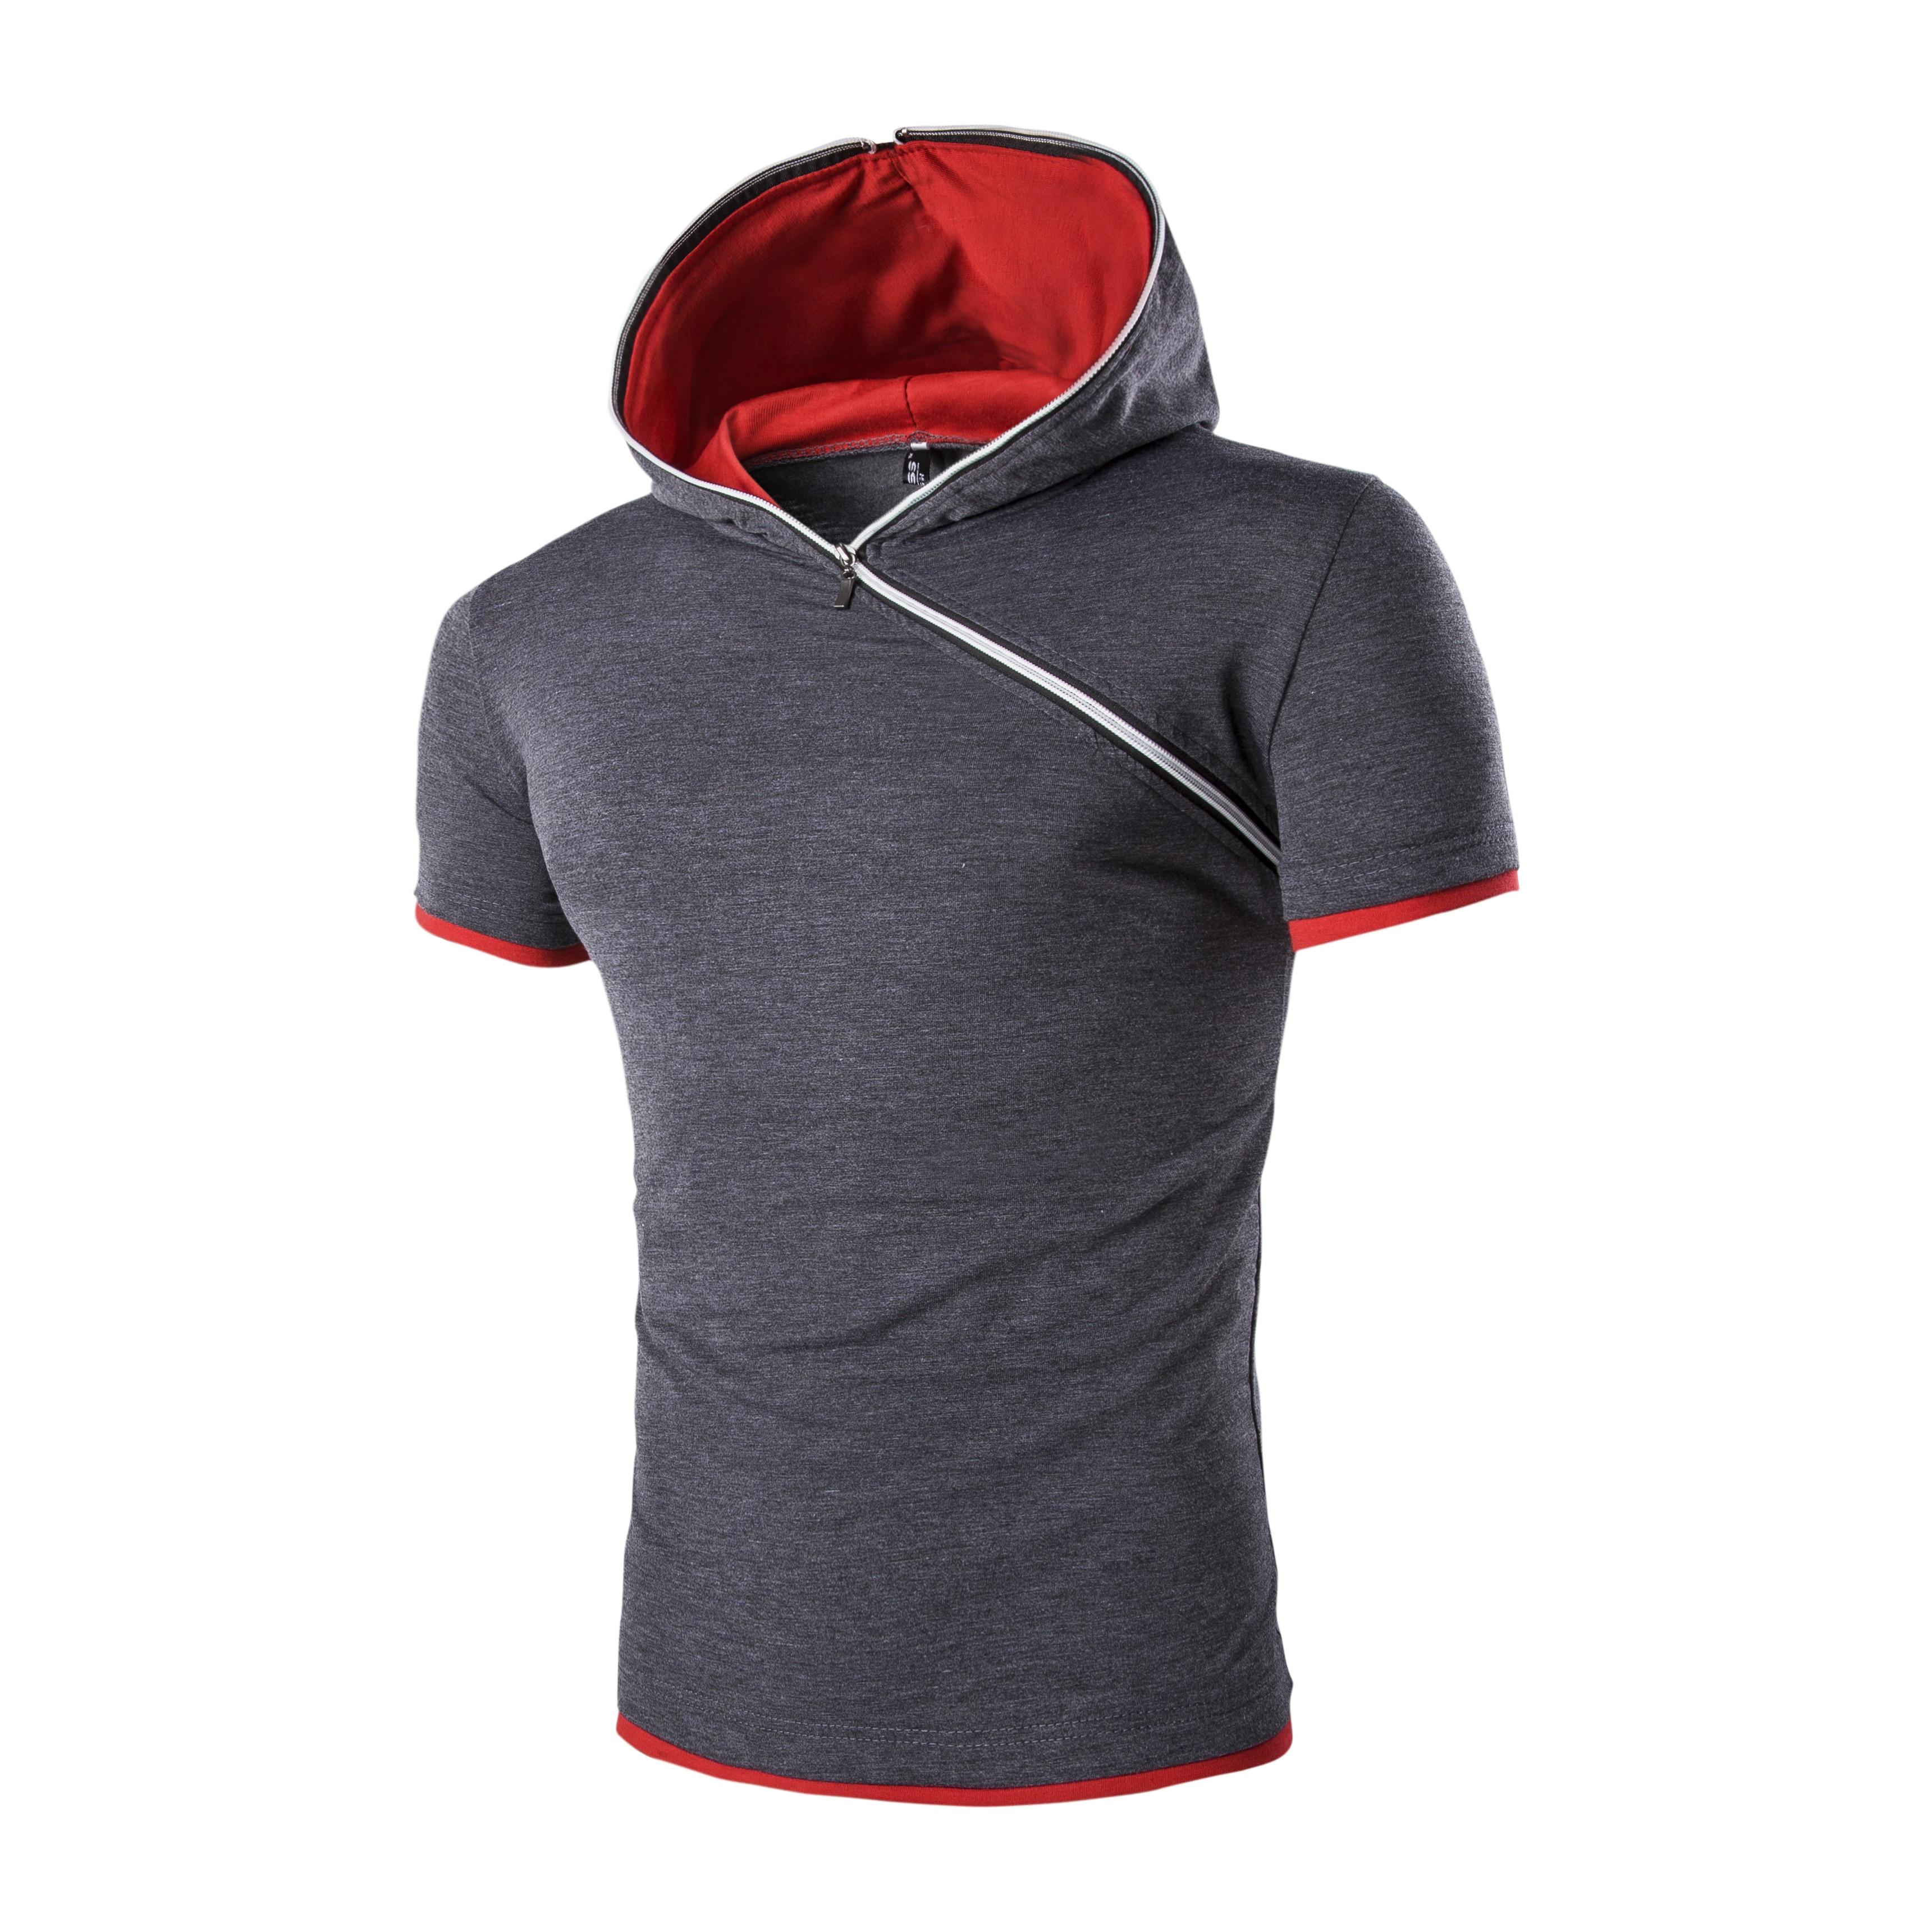 Shirt design of man - 2017 New Summer T Shirt Men Inclined Zipper Design Hooded Man T Shirt Fitness Tshirt